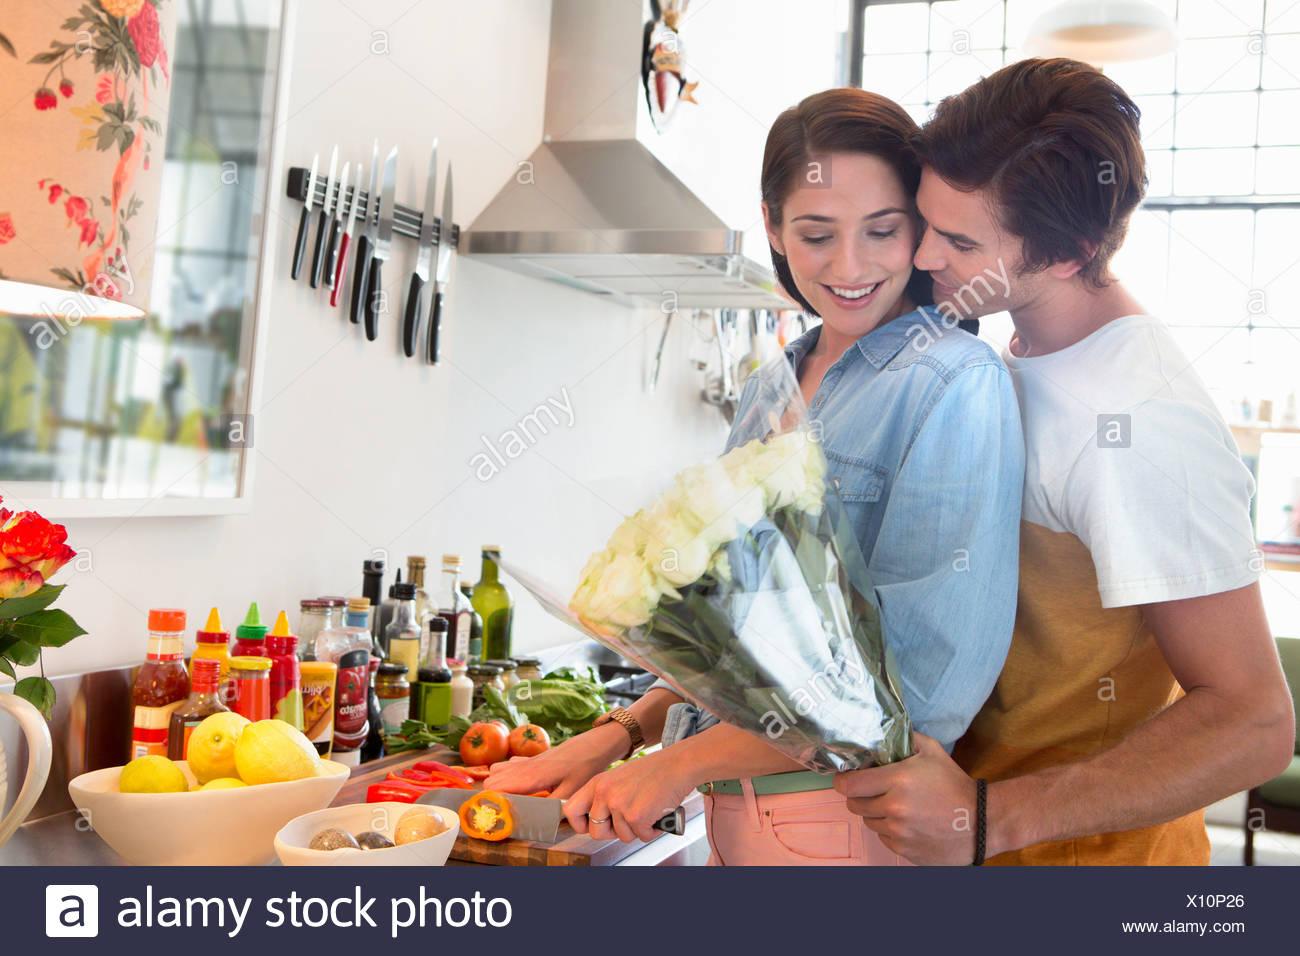 Female friends en cuisine avec bouquet de fleurs Photo Stock